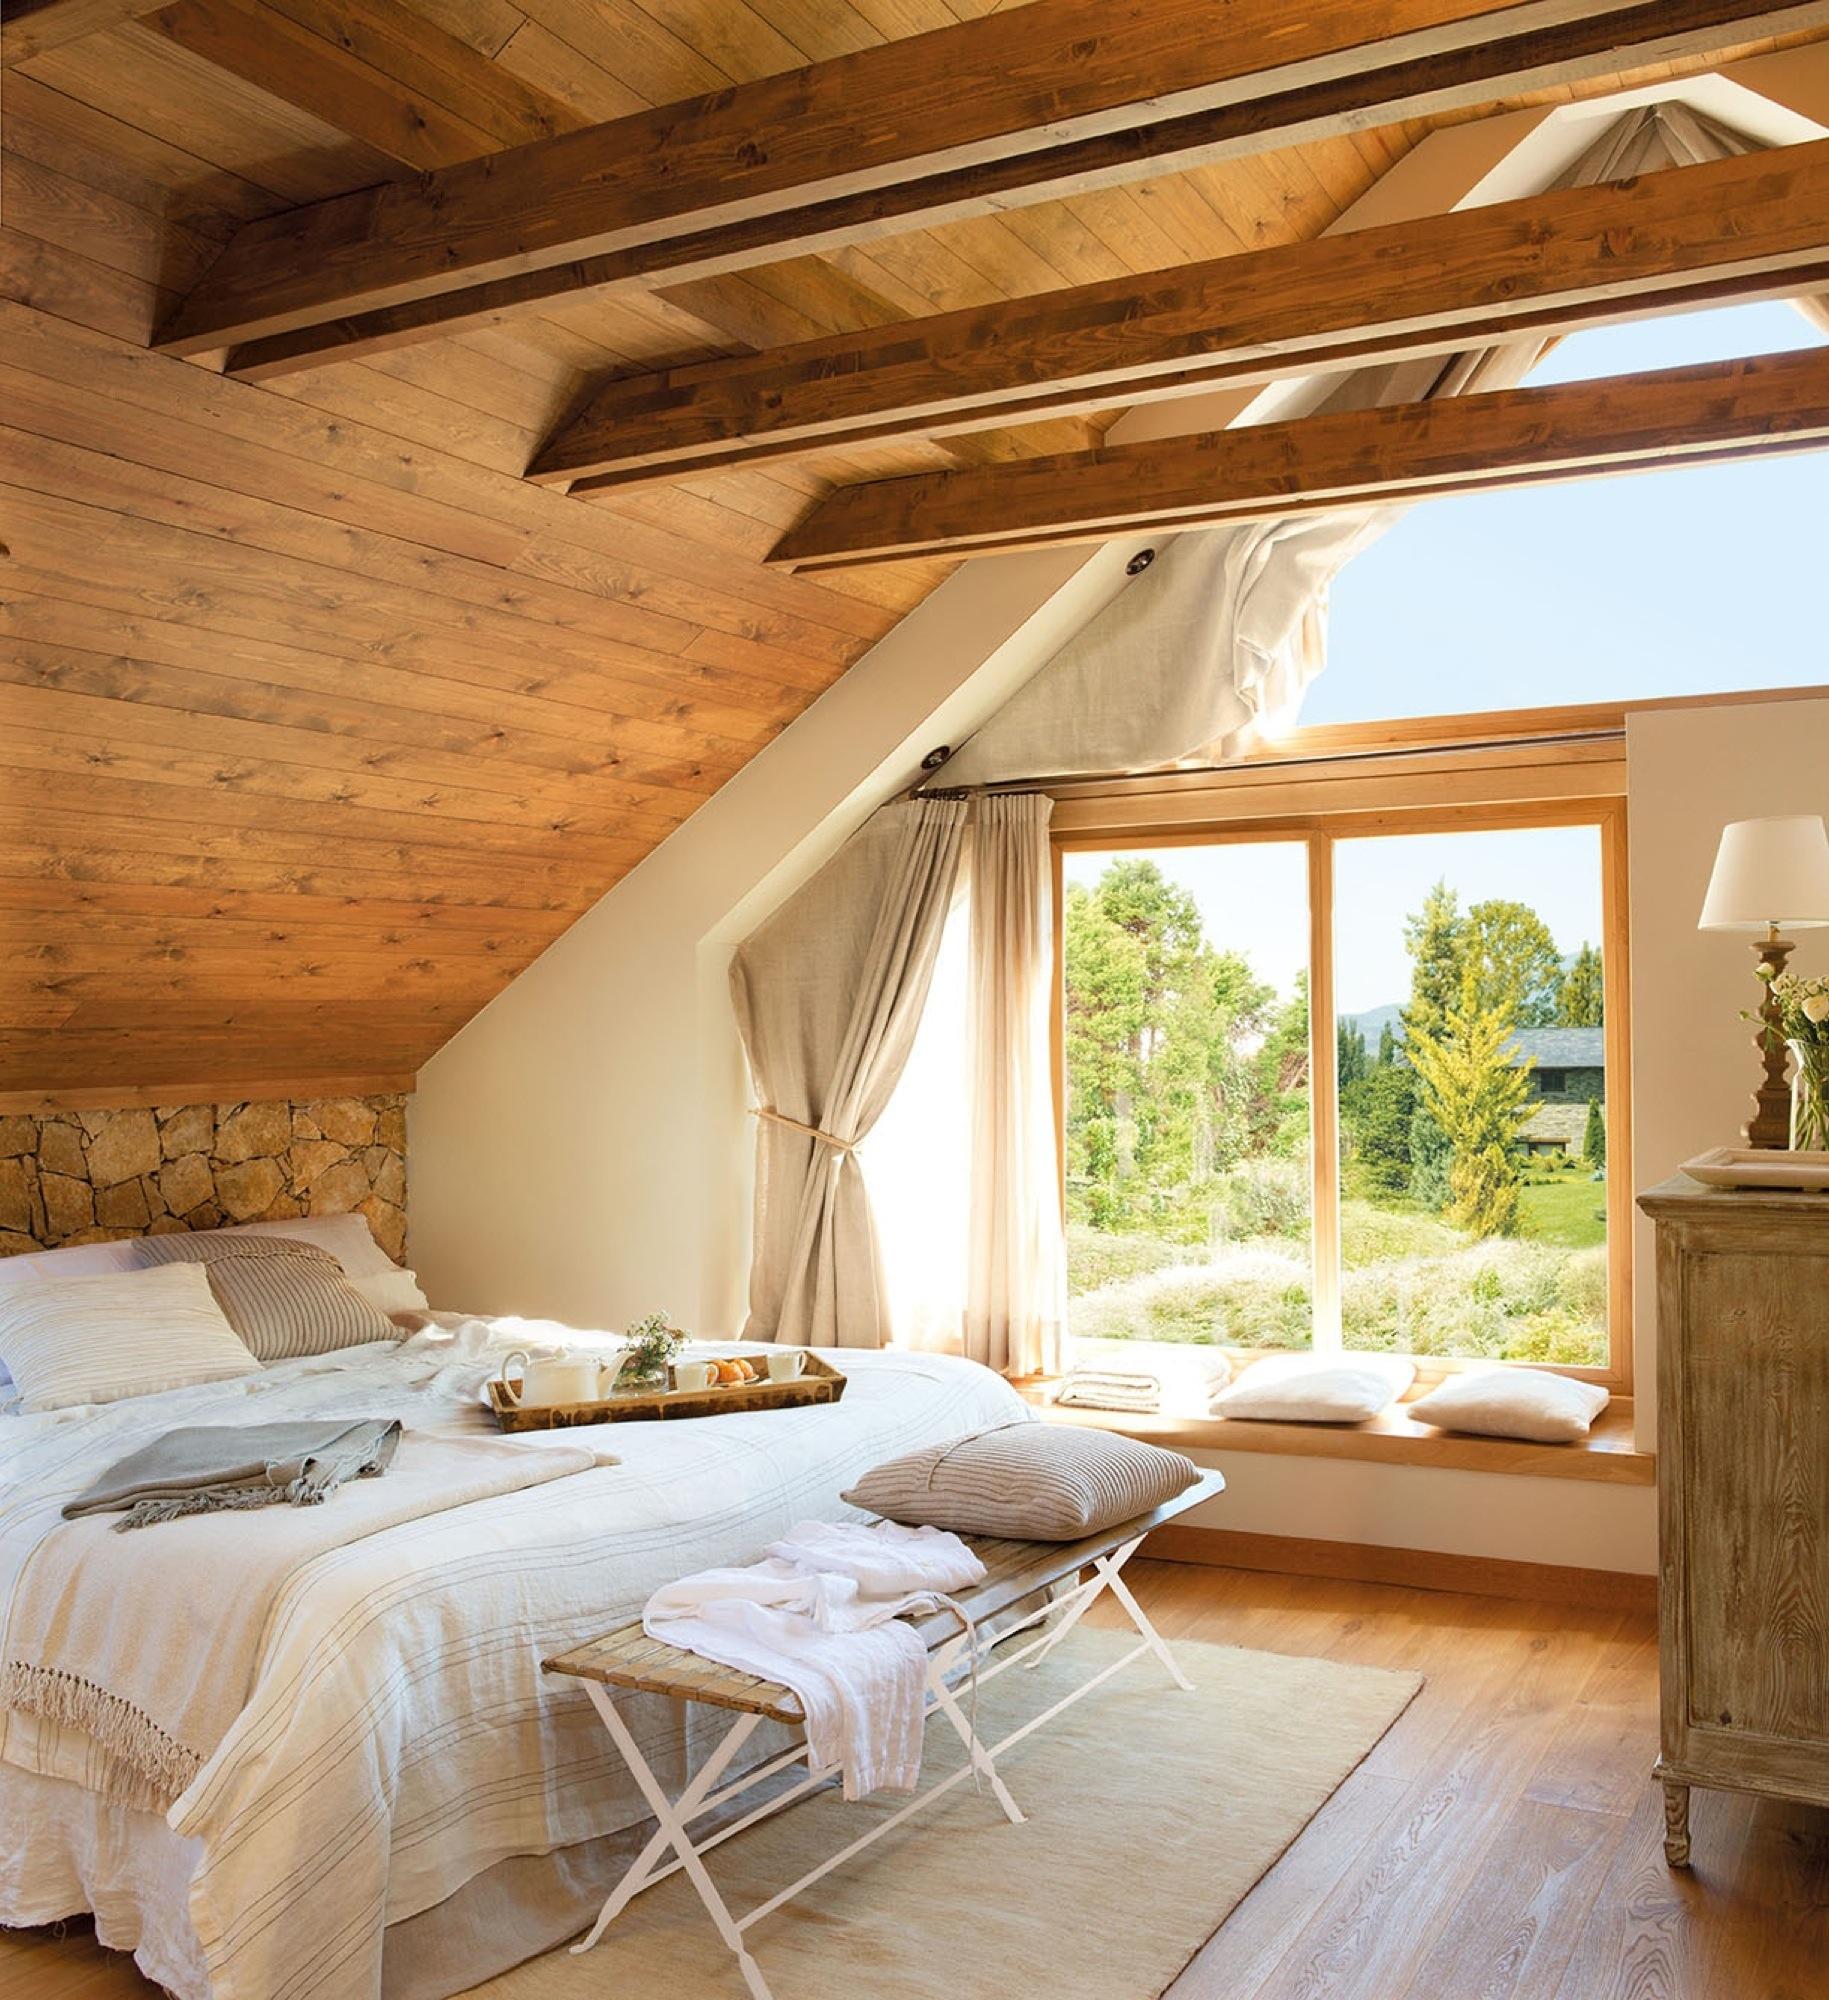 20 dormitorios r sticos con mucho encanto for Decorar puertas viejas de interior